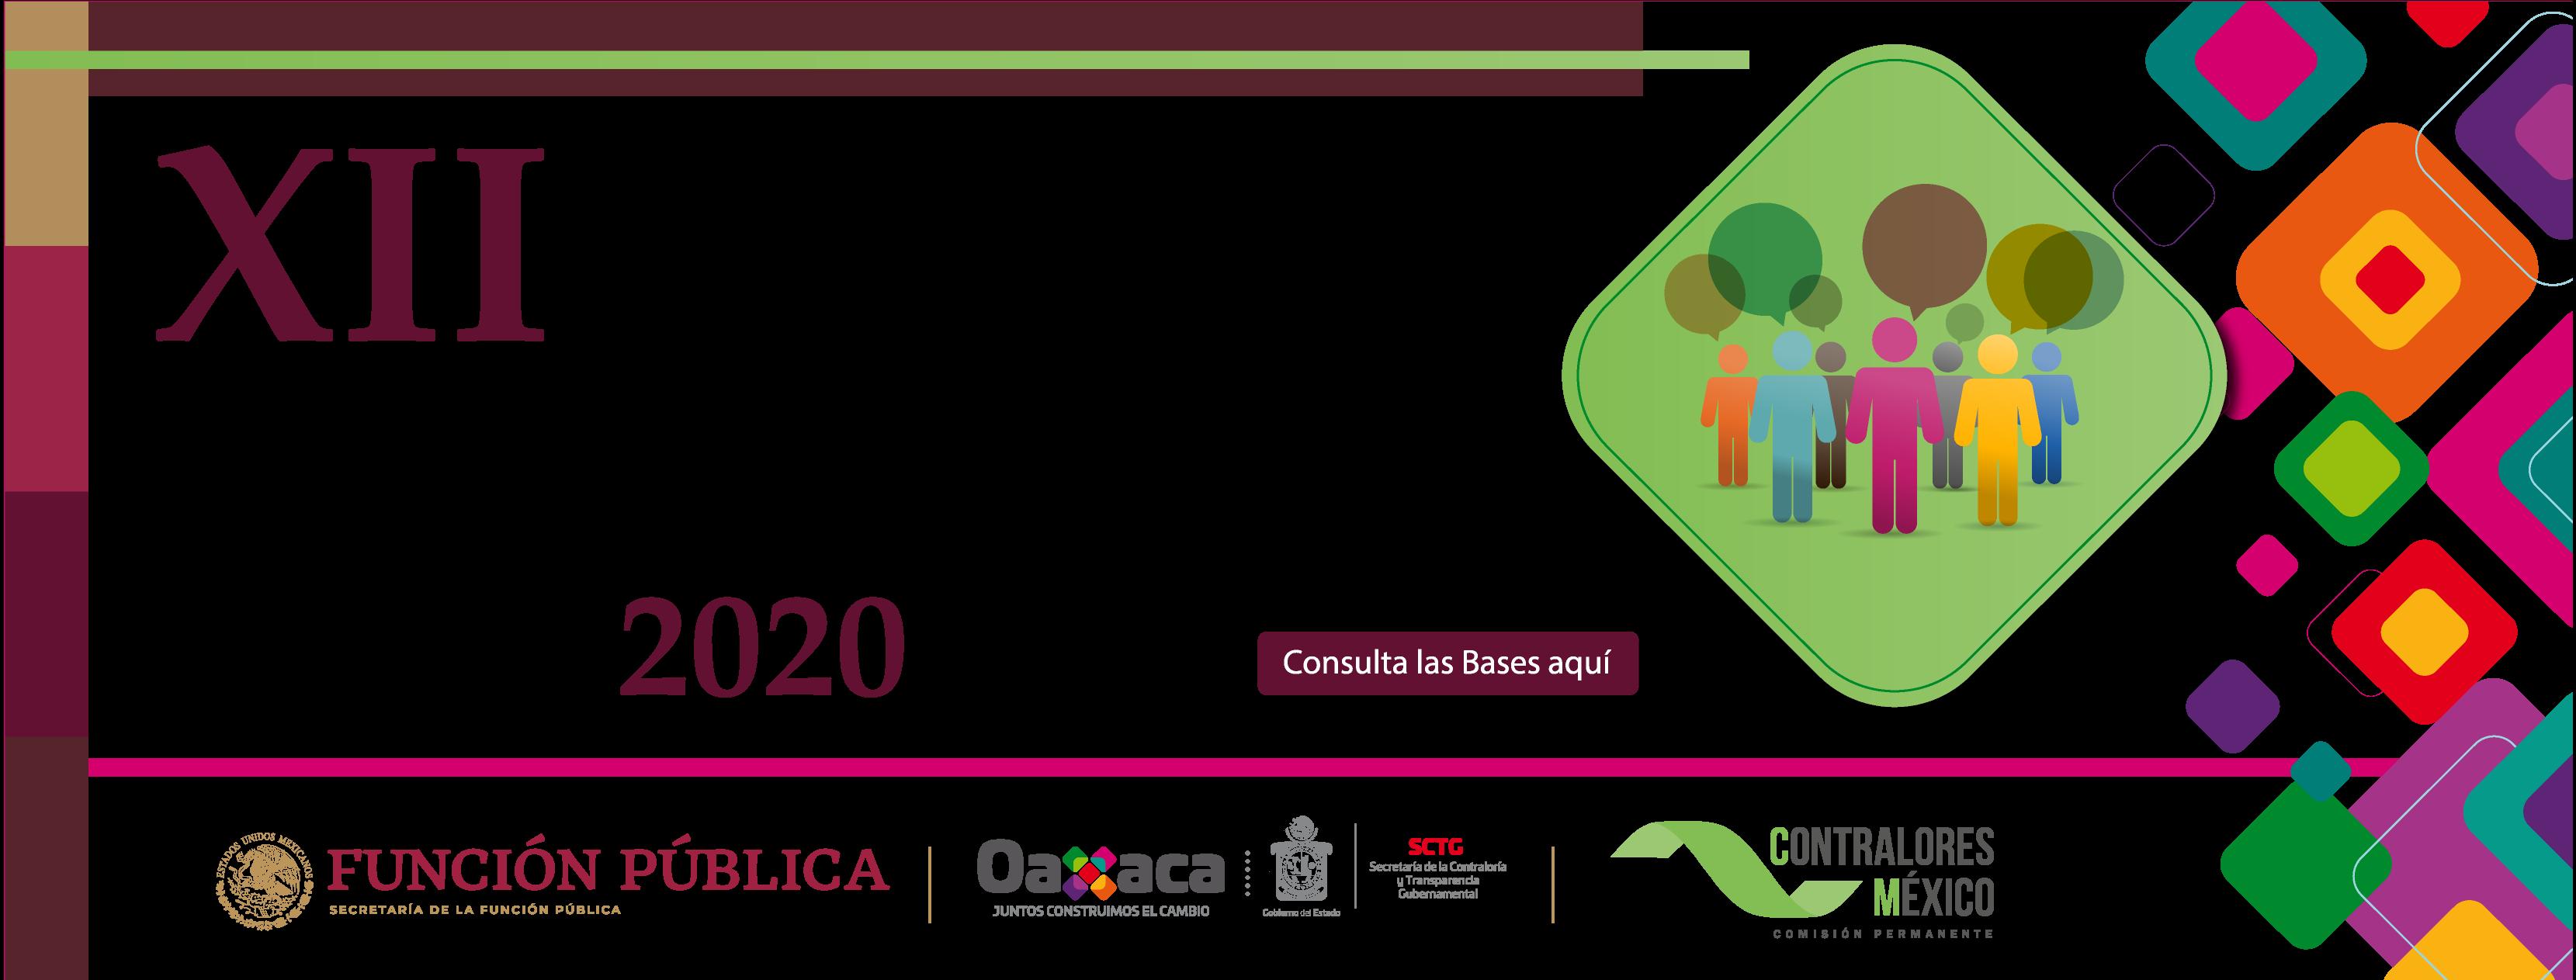 Convocatoria del Premio Nacional de Contraloría Social 2020